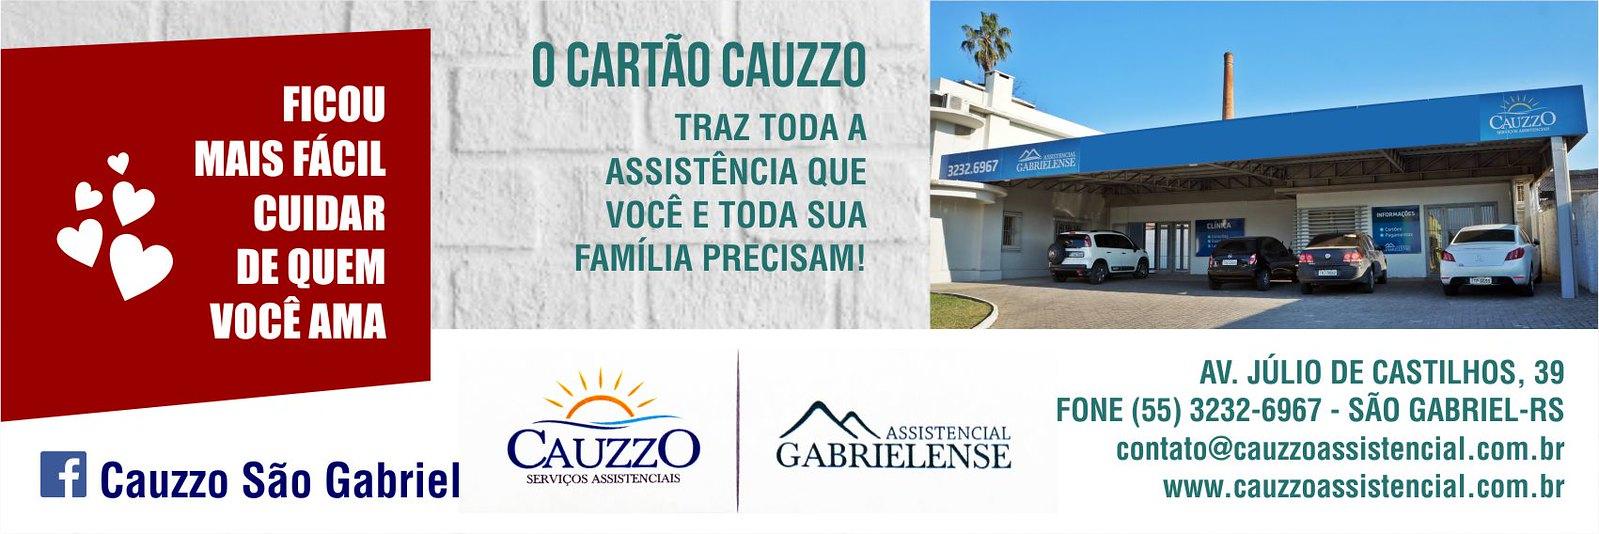 Conheça a página da Cauzzo São Gabriel no Facebook